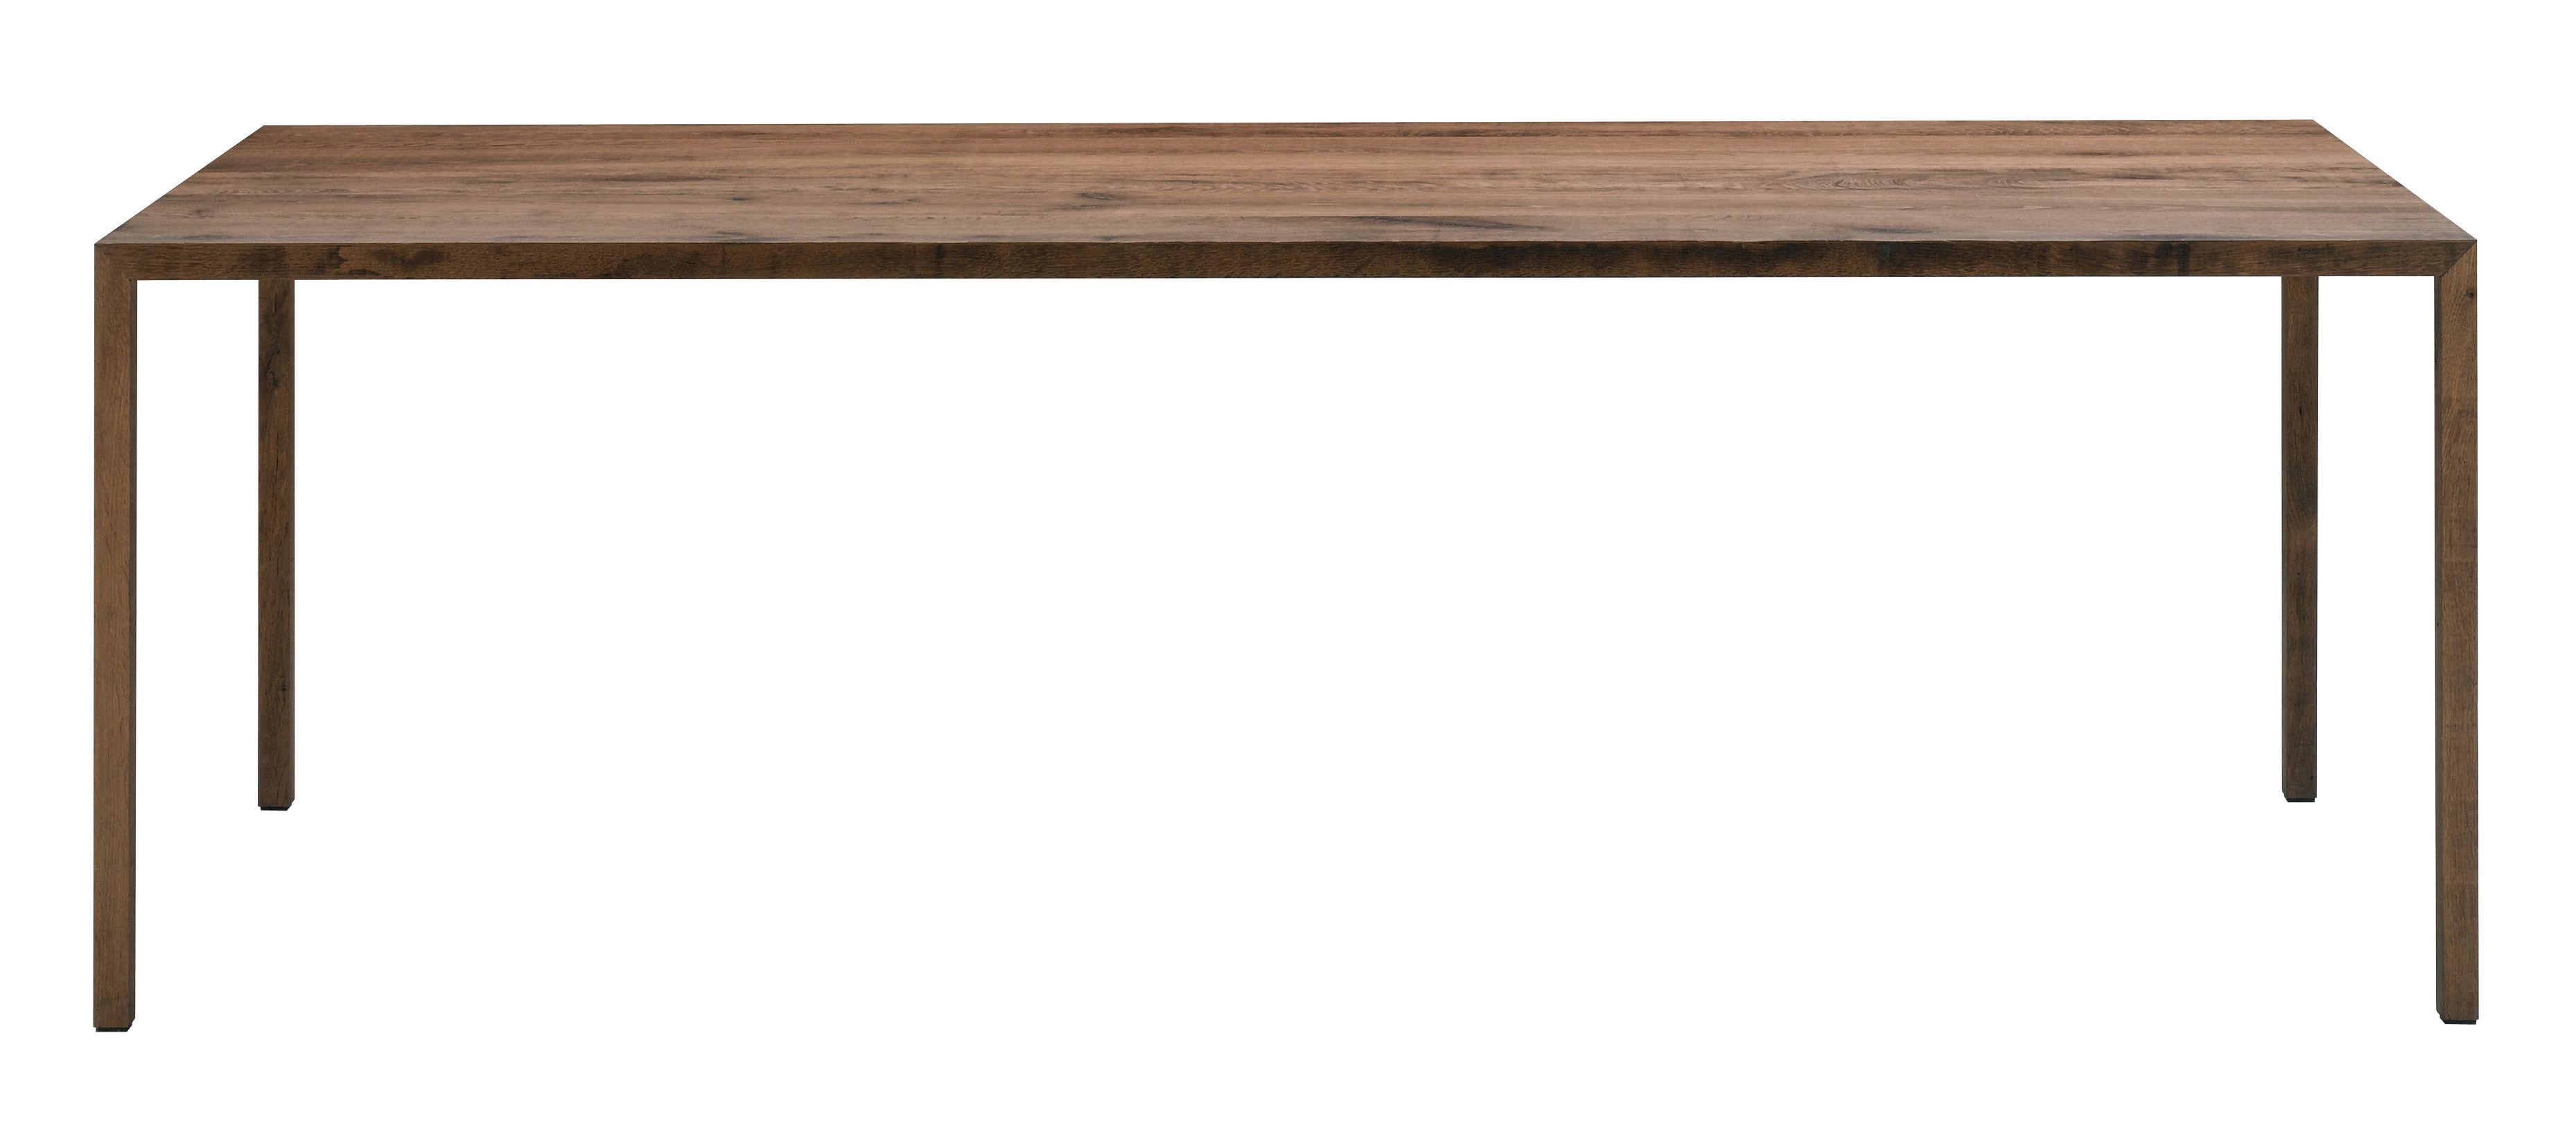 Tendances - Autour du repas - Table rectangulaire Tense Material / 90 x 200 cm - Chêne naturel - MDF Italia - Chêne naturel - Panneau composite, Placage chêne massif